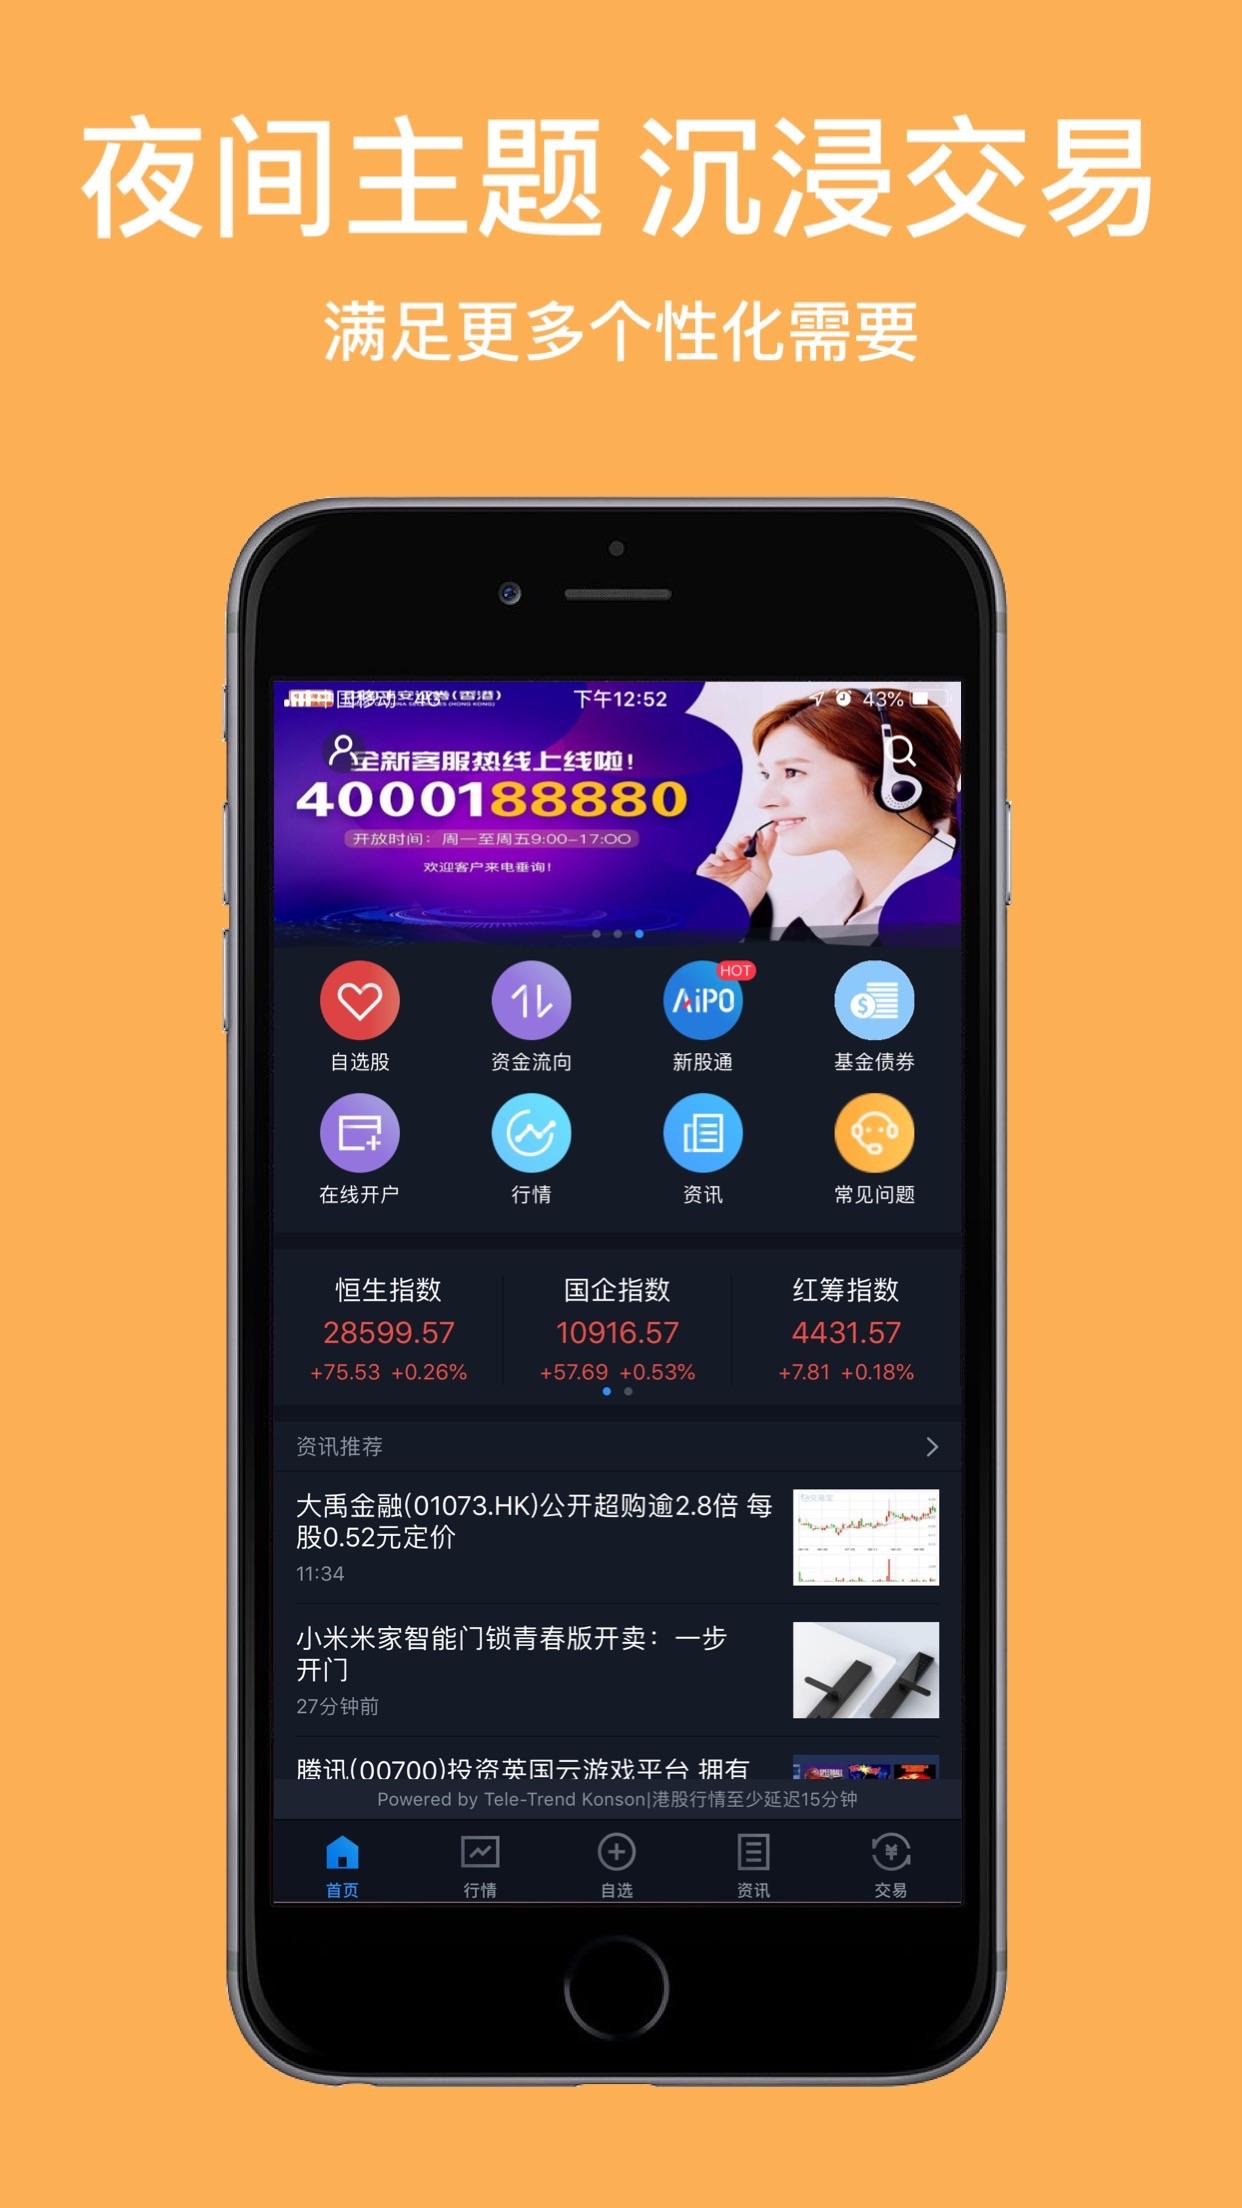 中国平安证券香港全球交易宝 Screenshot